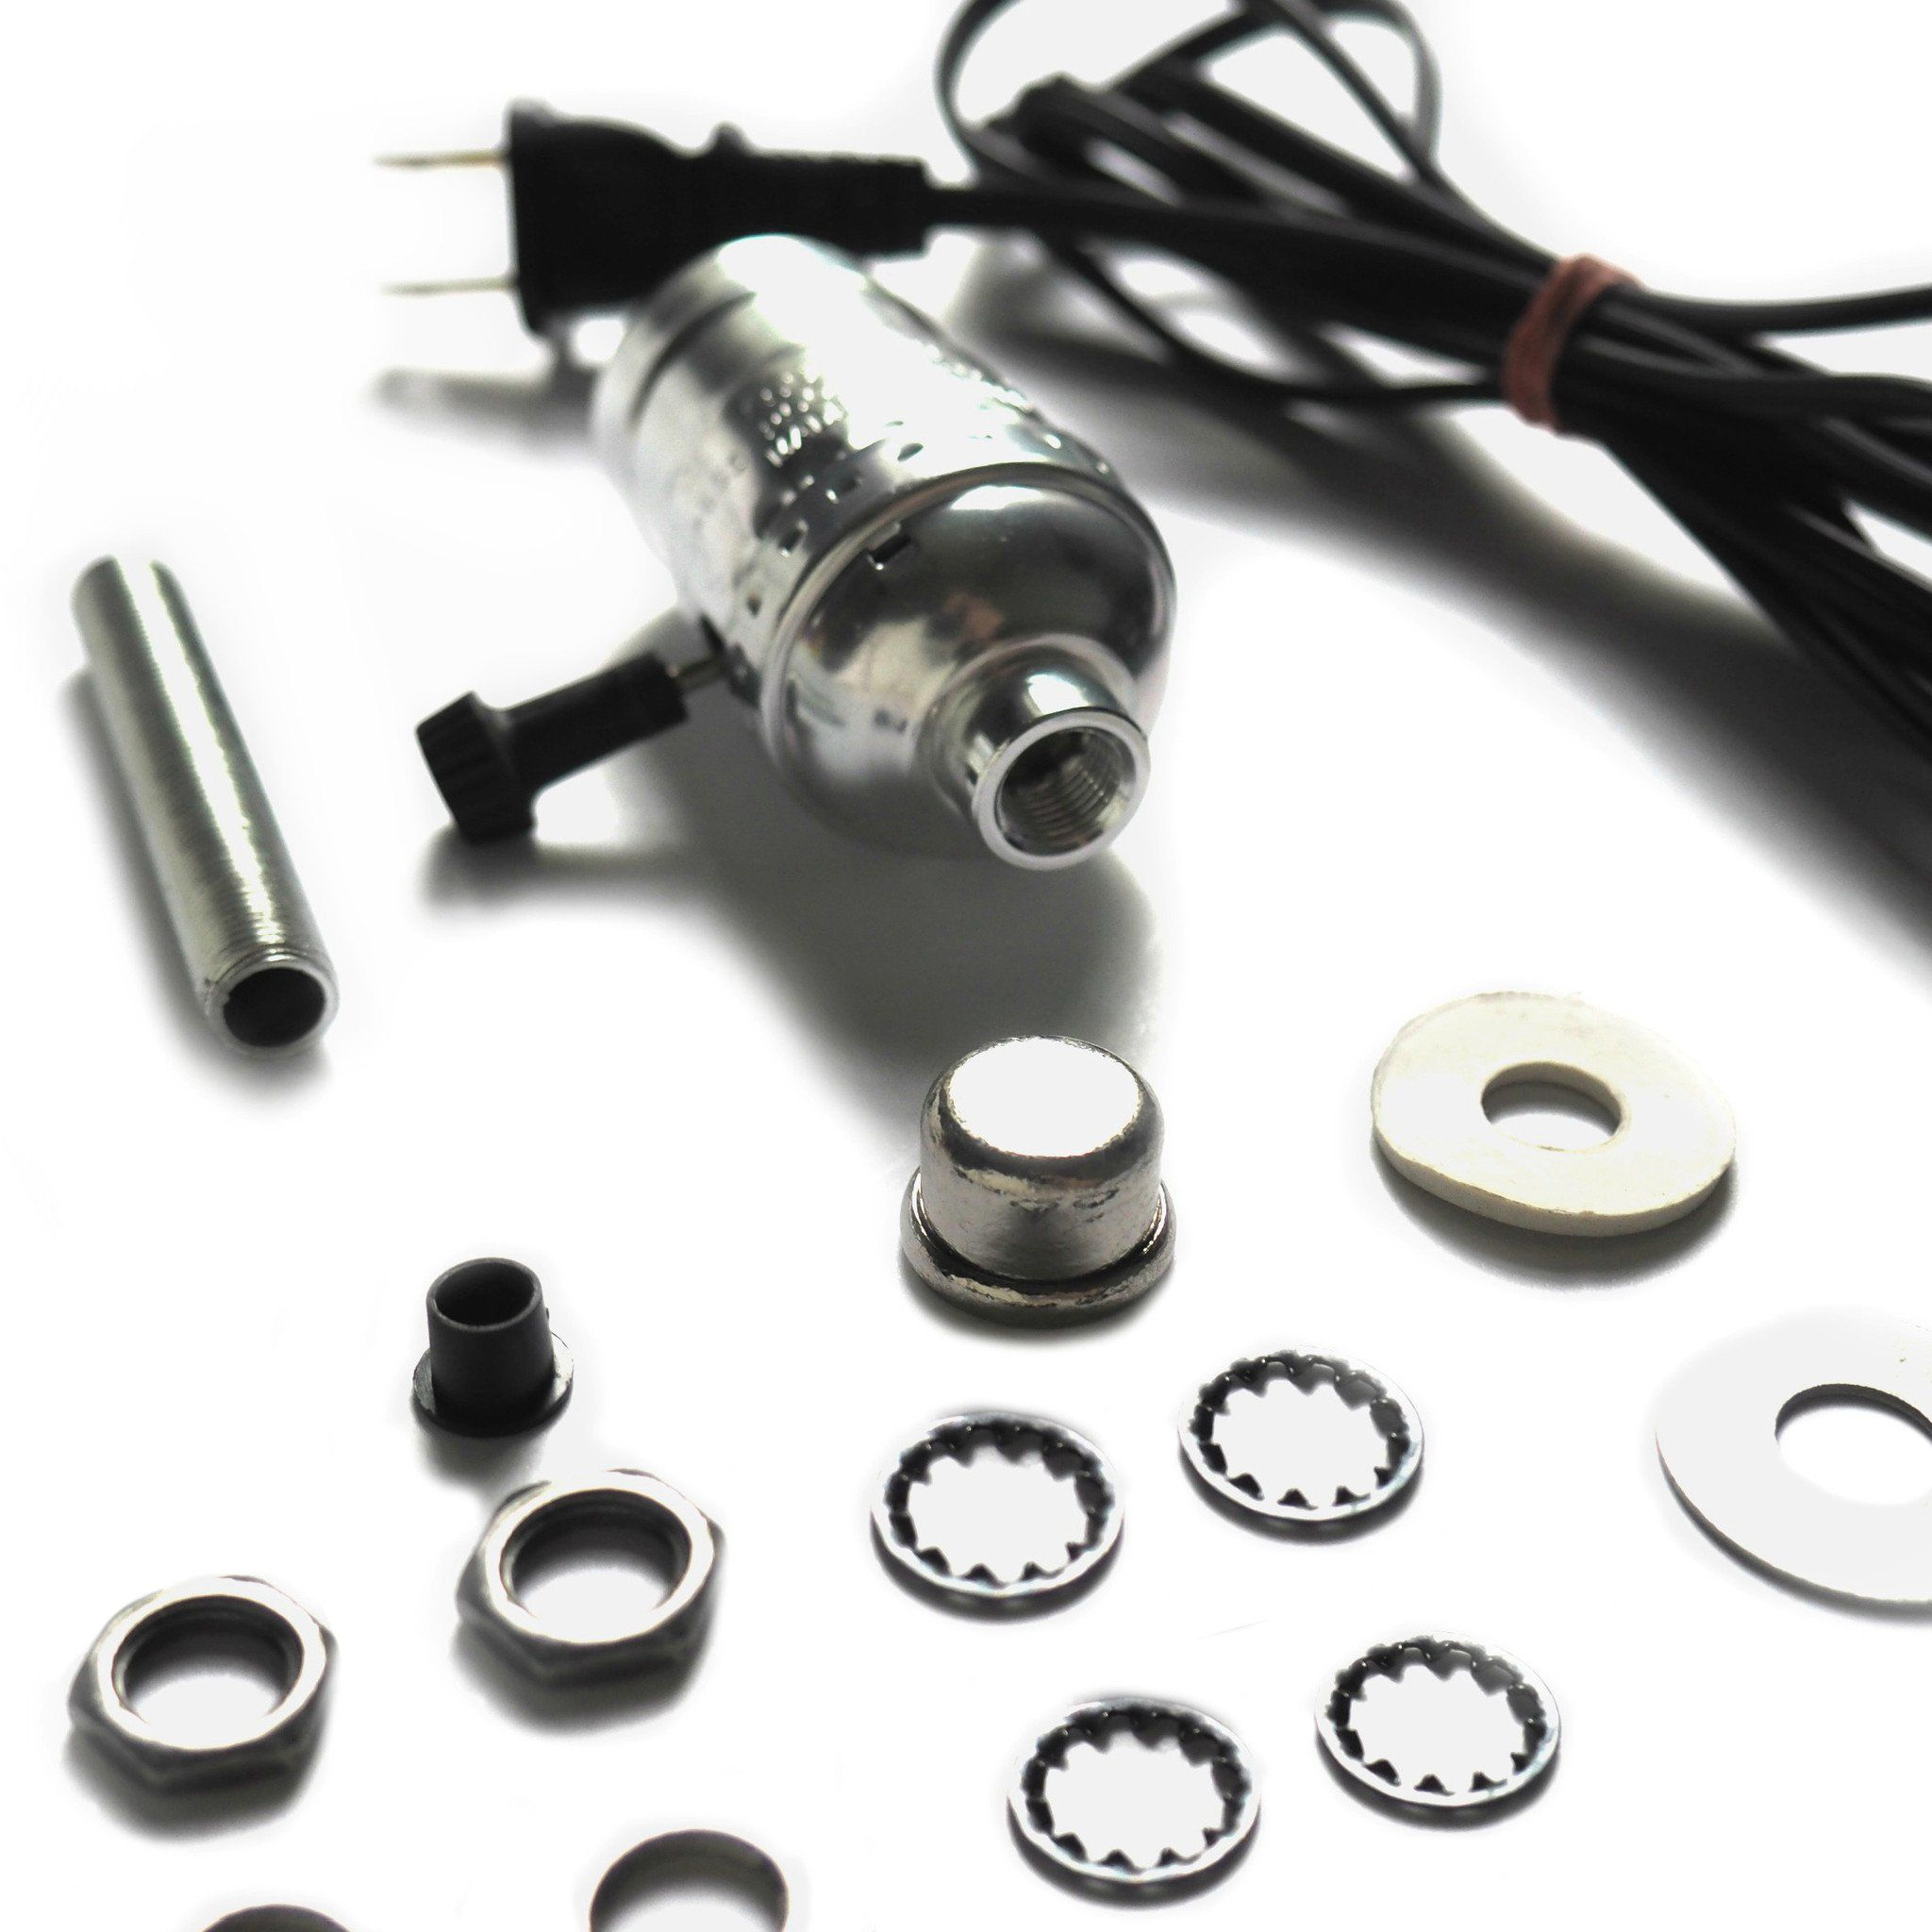 Electric Lamp Wiring Kit